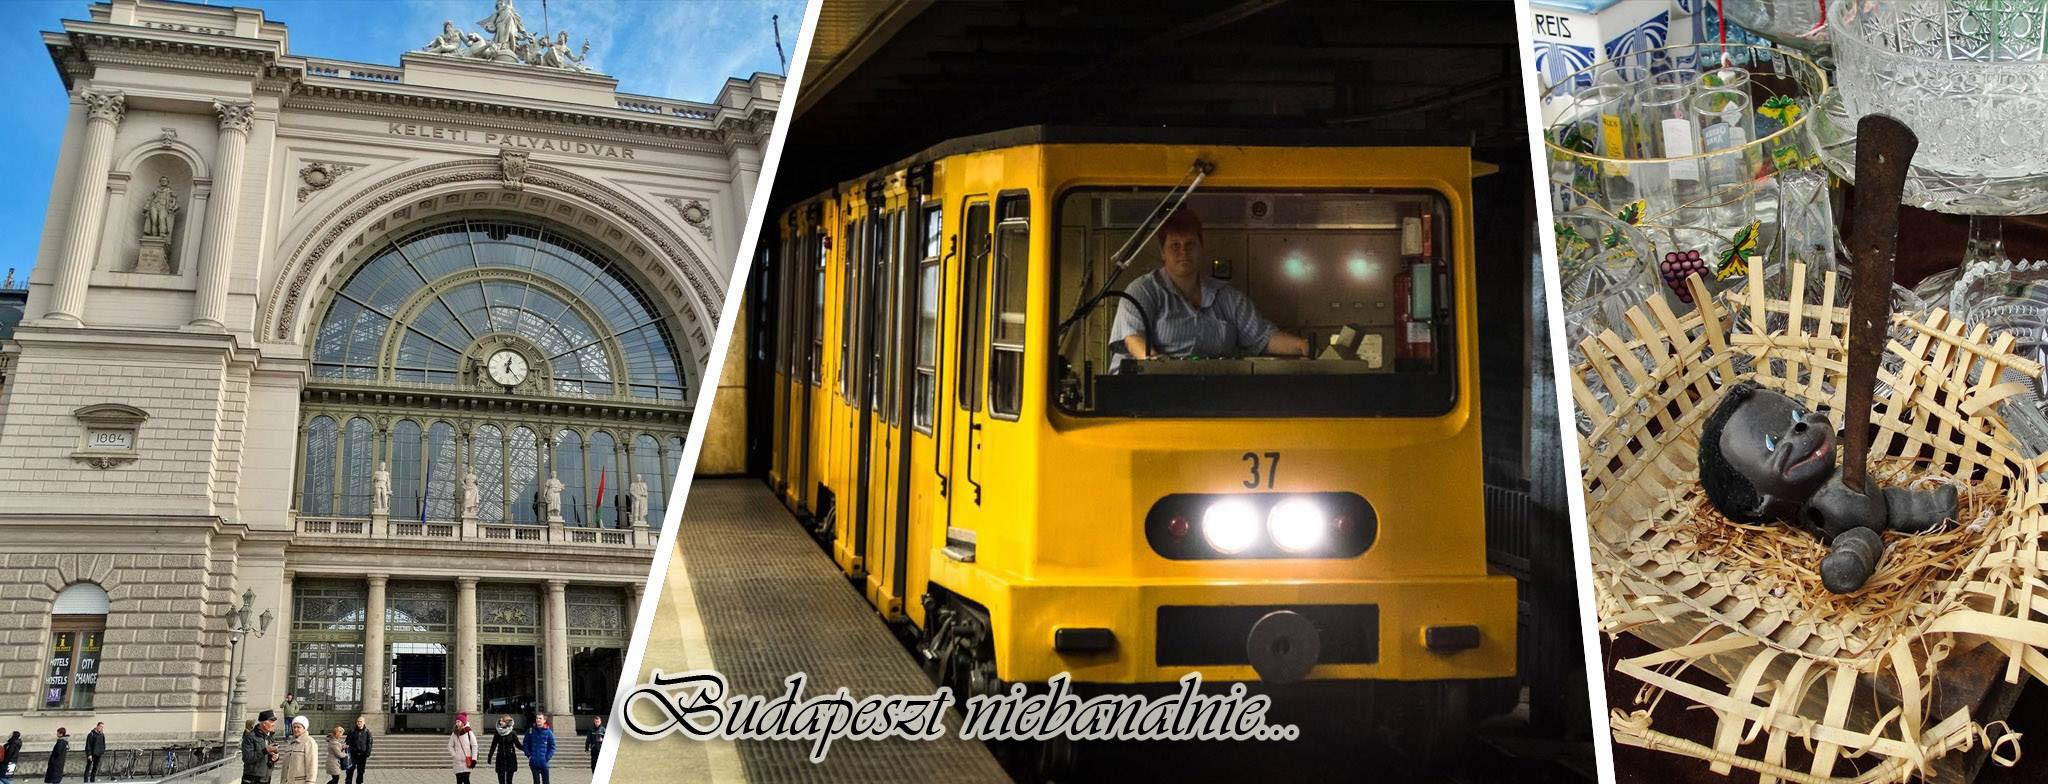 Budapeszt niebanalnie – kilka oryginalnych pomysłów na spędzenie czasu w węgierskiej stolicy